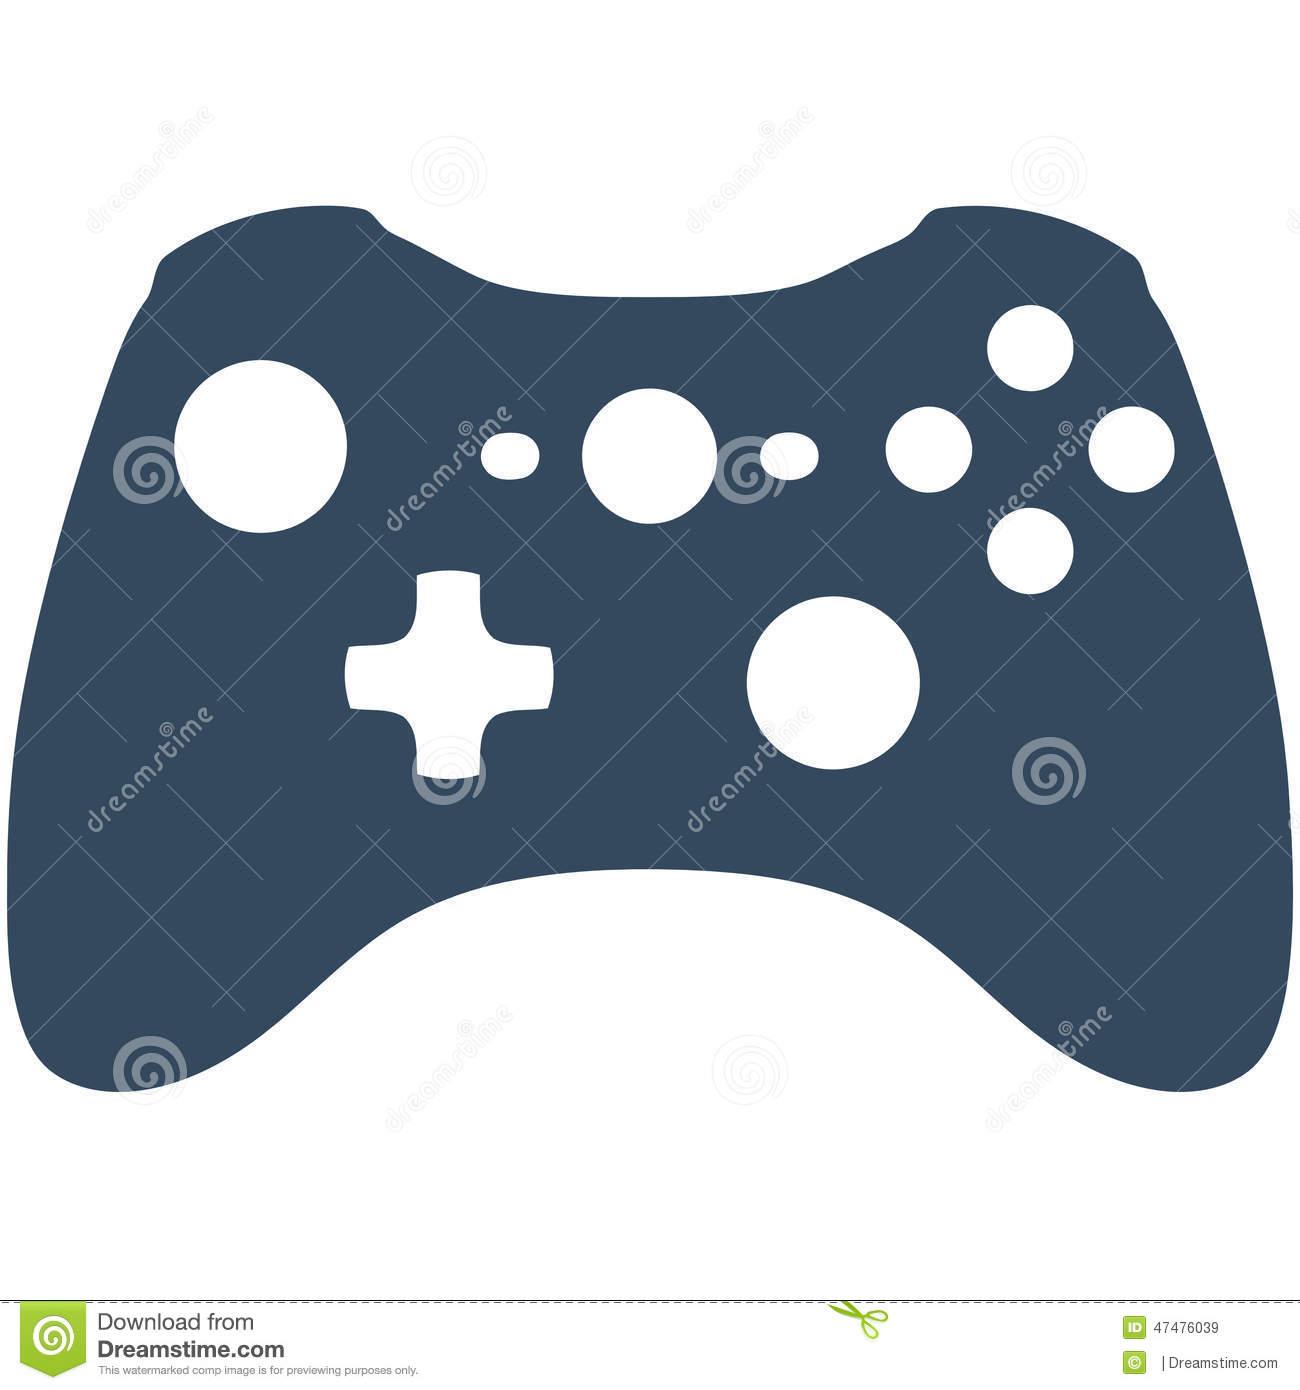 2d Xbox Controller Clipart.